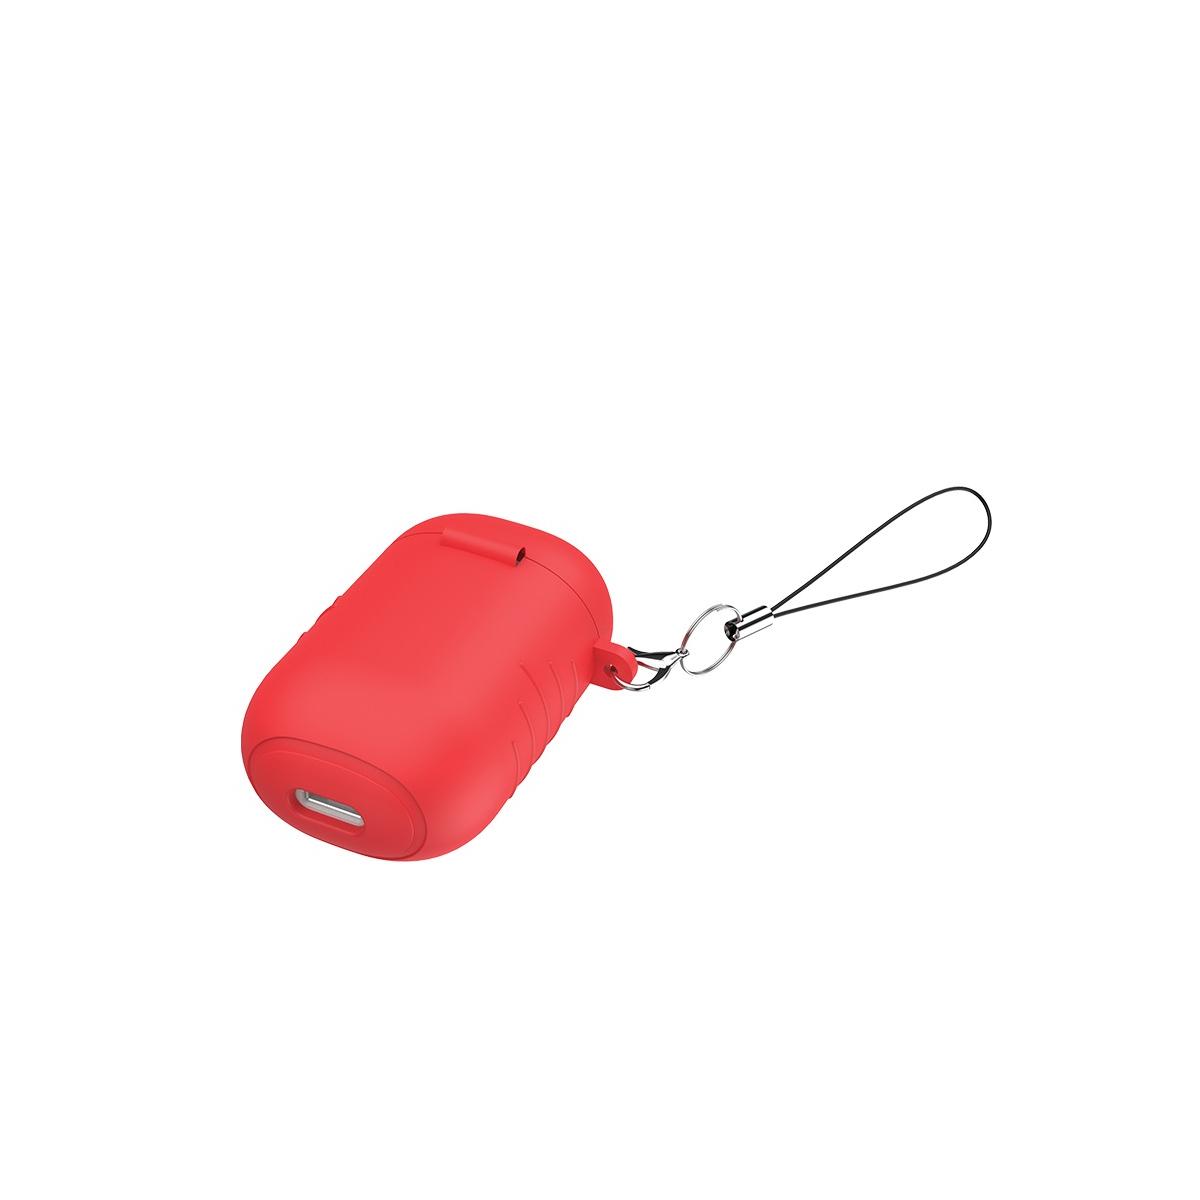 Tai Nghe Bluetooth V5.0 Nhét Tai -Hoco E39 Admire Sound Single  + Tặng Dây Đeo Silicon - Chính Hãng